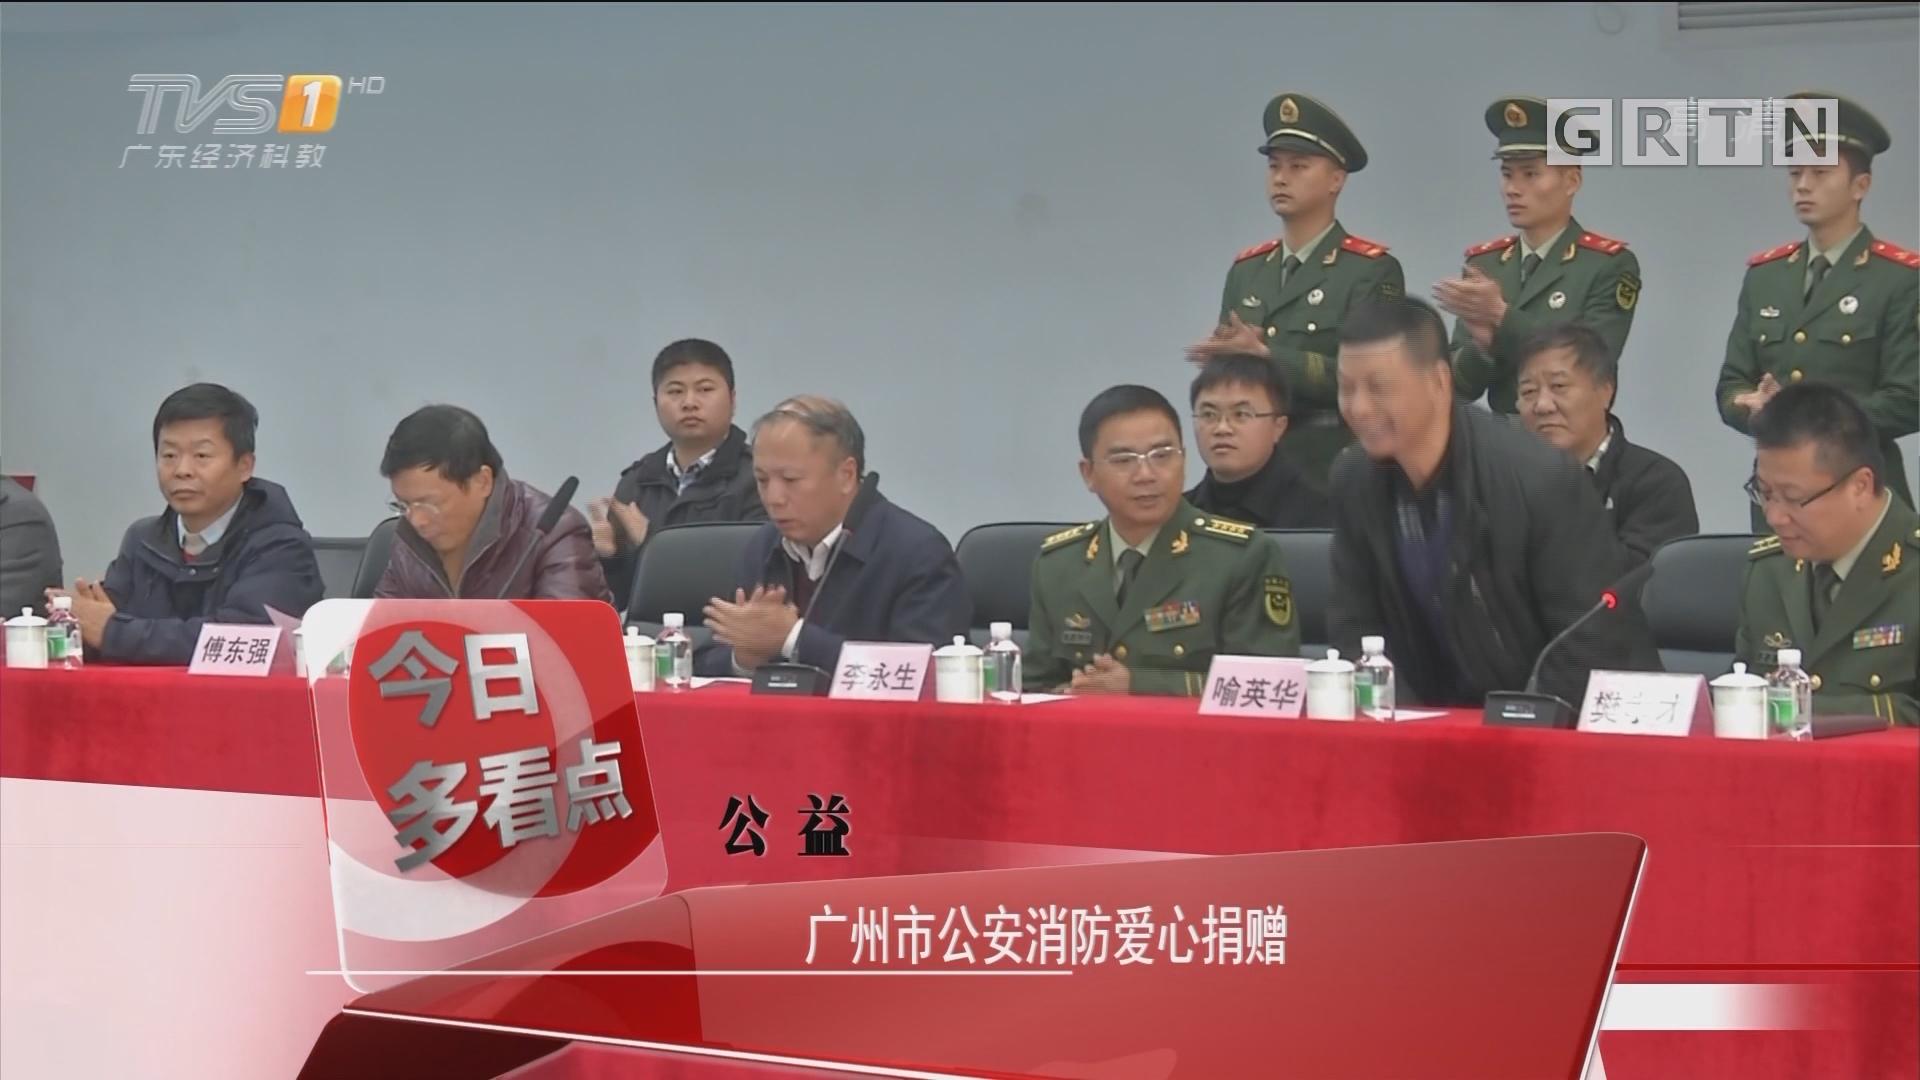 公益:广州市公安消防爱心捐赠